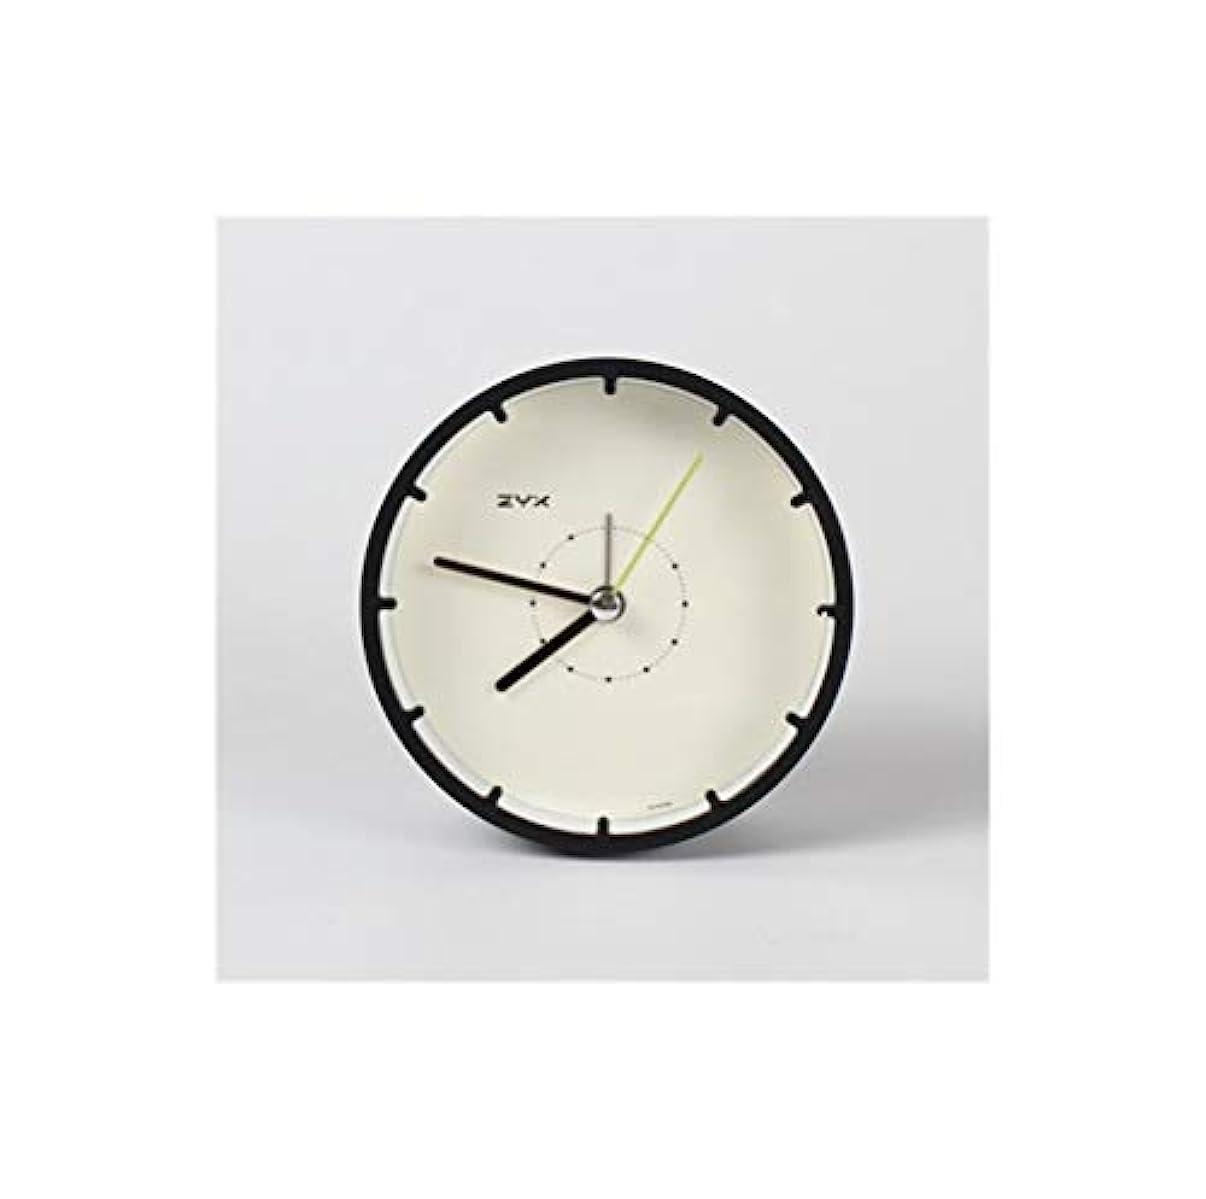 限界いつ解明するQiyuezhuangshi001 目覚まし時計、ベッドサイドの時計サイレントシンプルな、パーソナライズされた学生の電子時計、オレンジ3インチで装飾素敵な小さなベッドルーム、 材料の安全性 (Color : Black)